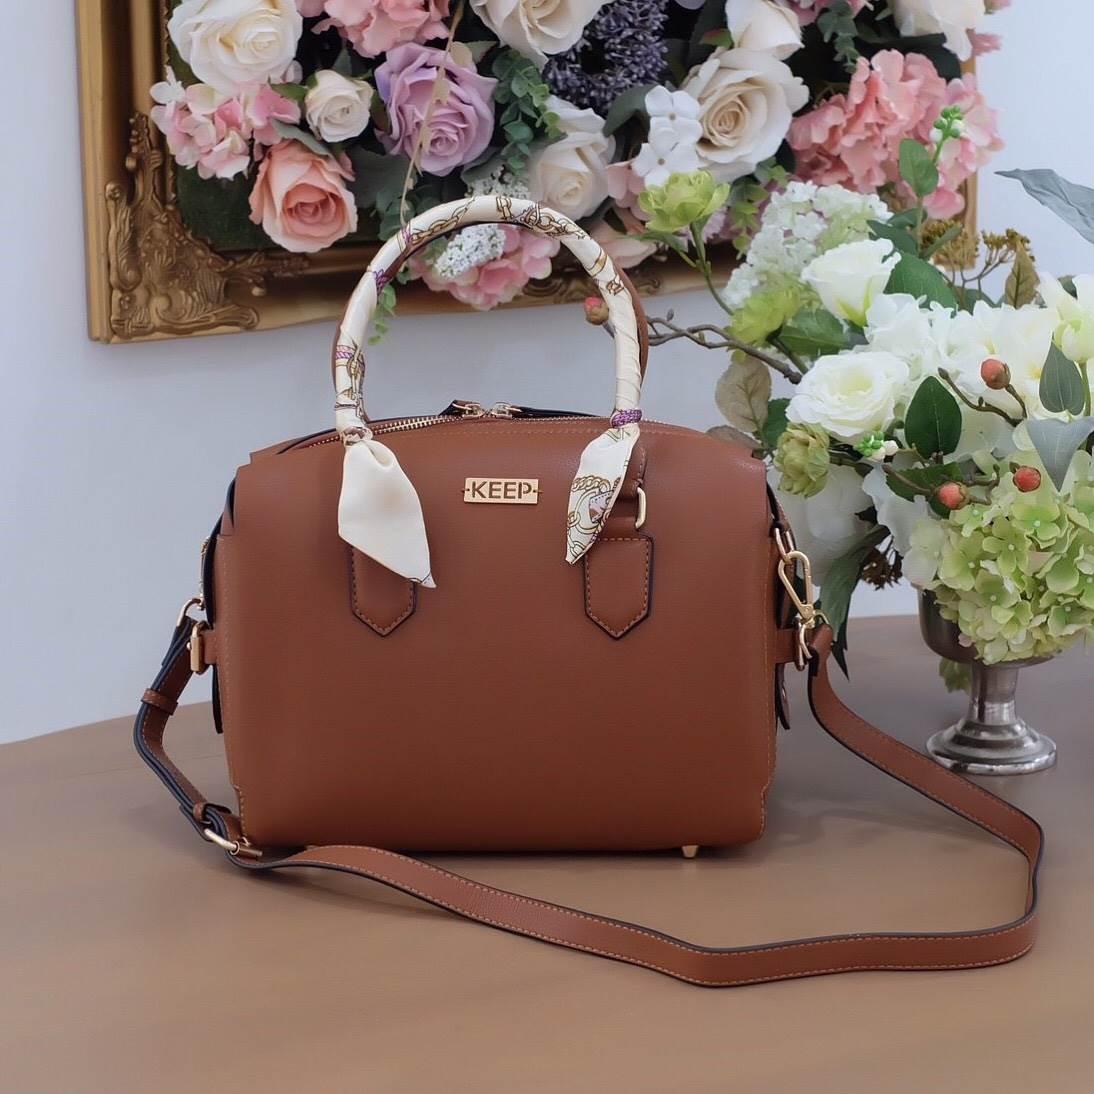 กระเป๋า Keep รุ่น Pillow bag มาพร้อมผ้าพันหูกระเป๋าสวยหรู